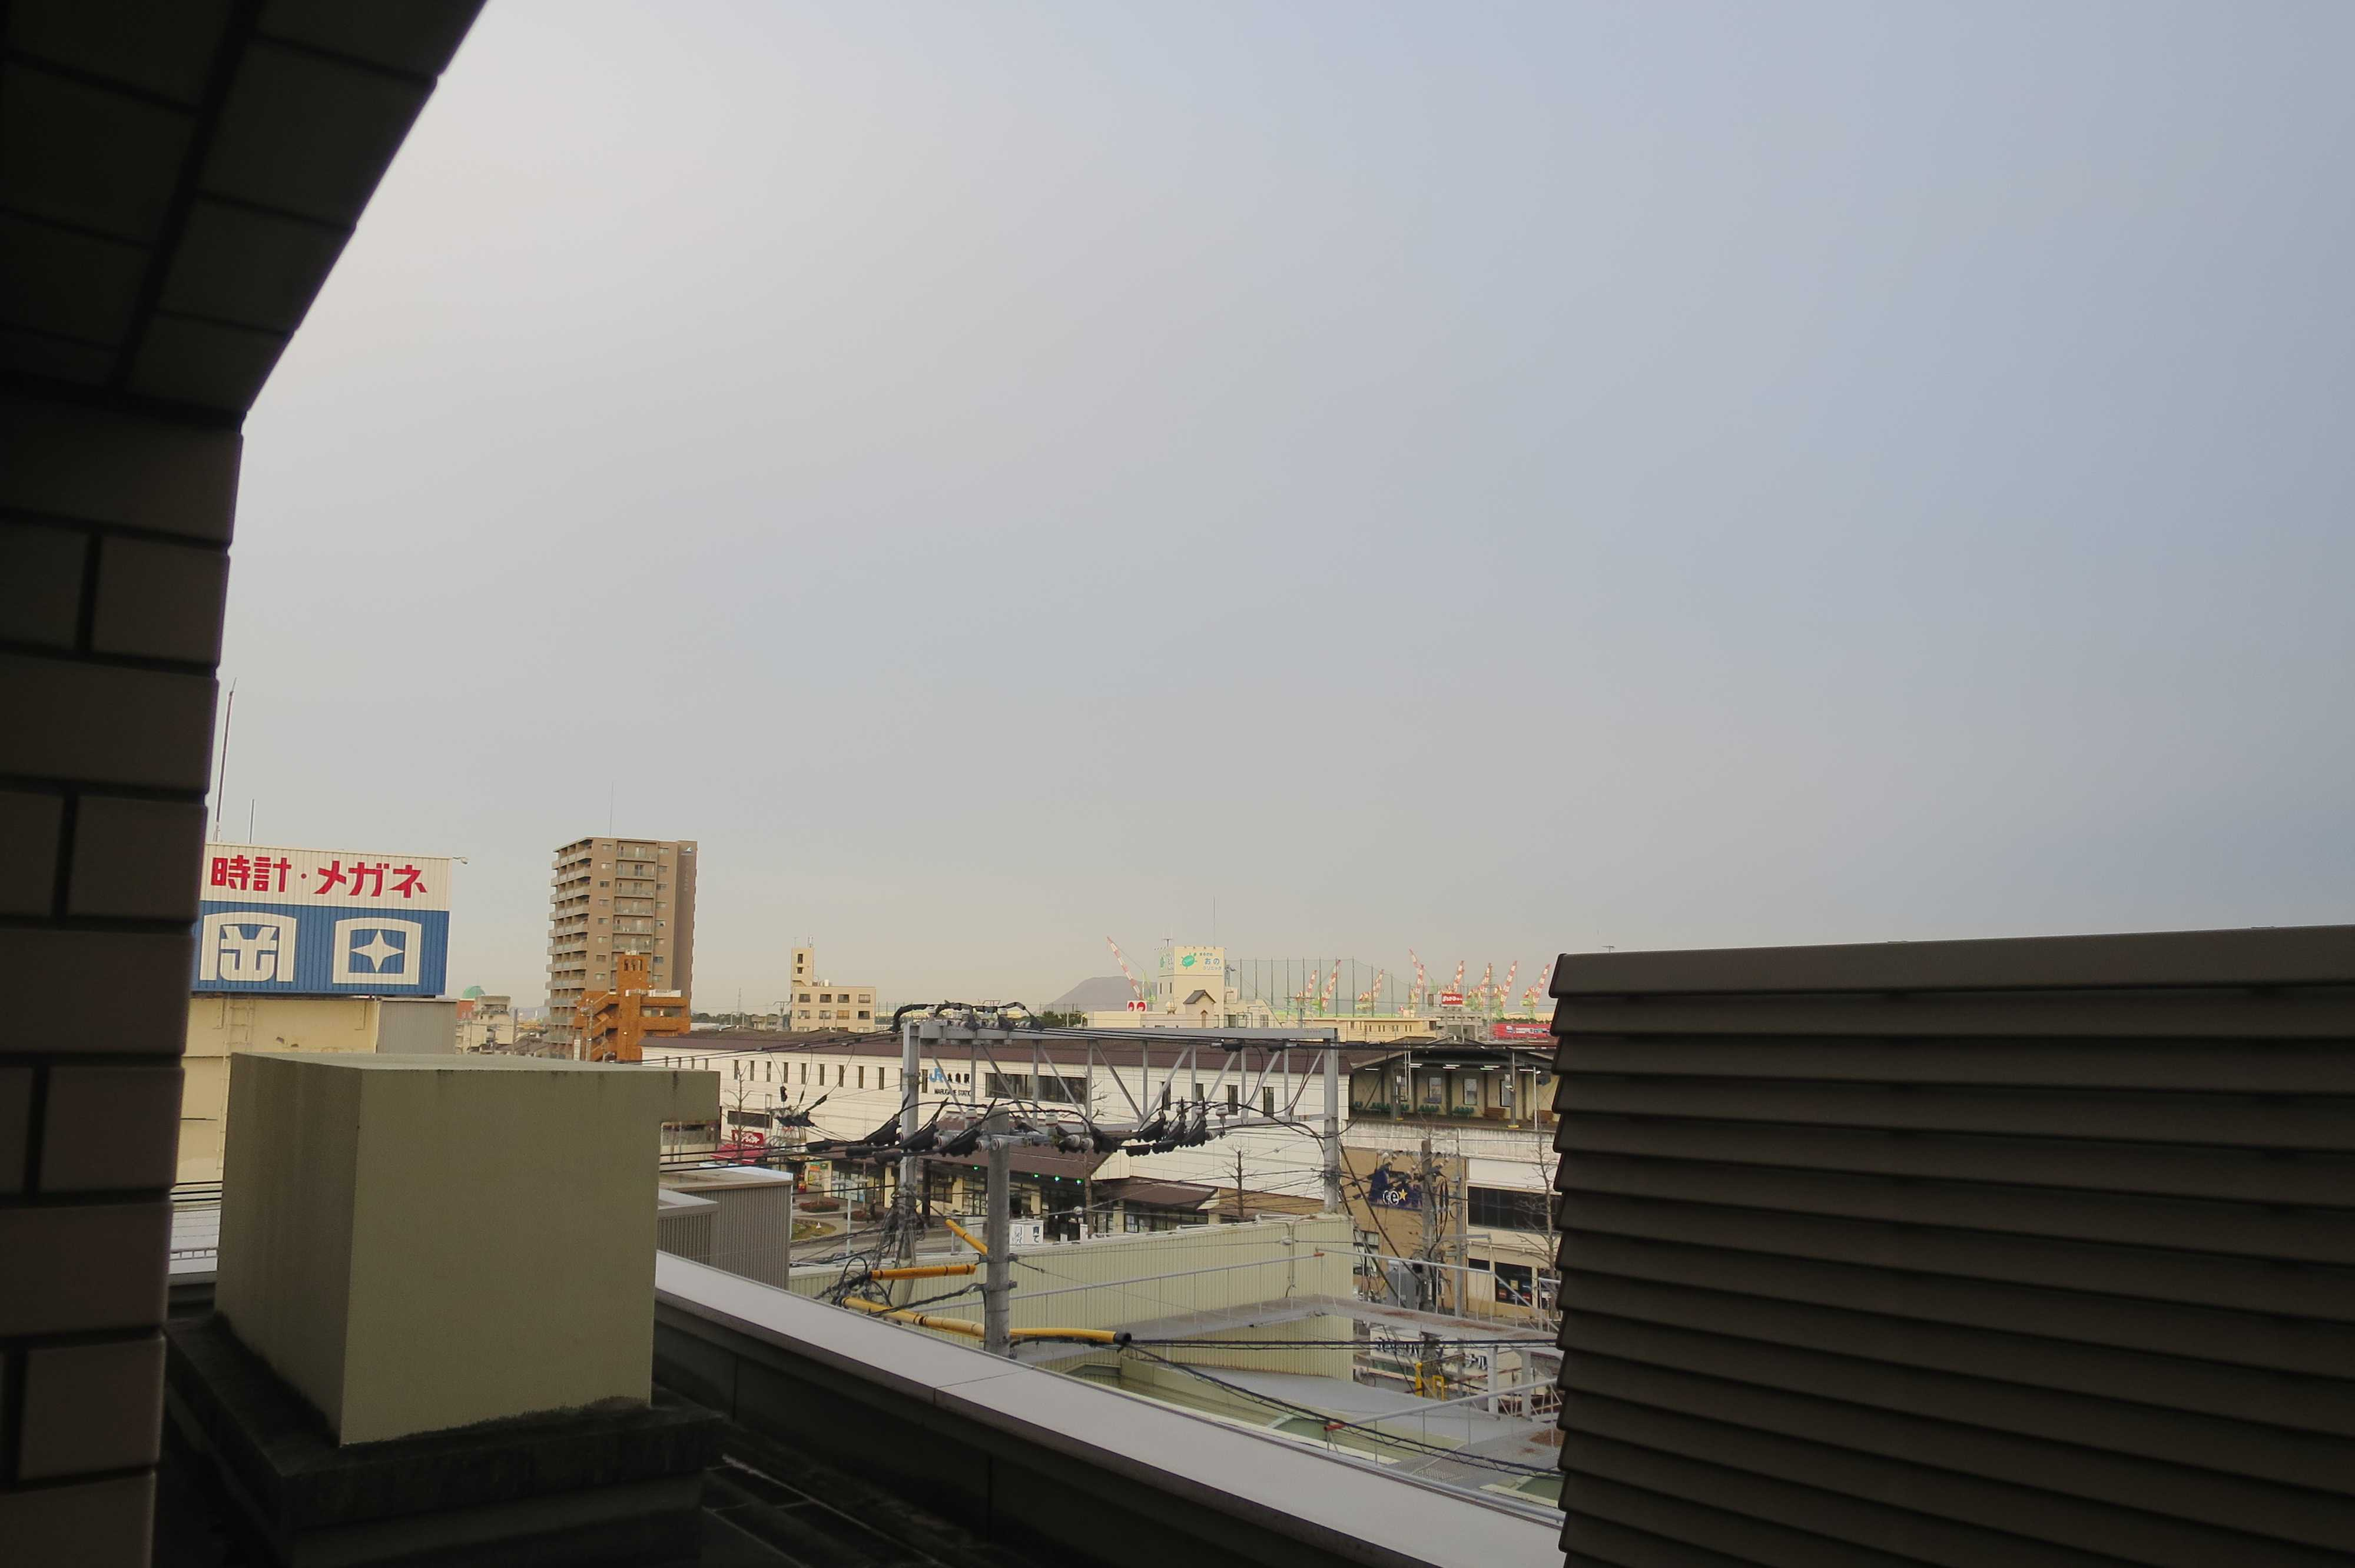 ホテルから見えた JR丸亀駅